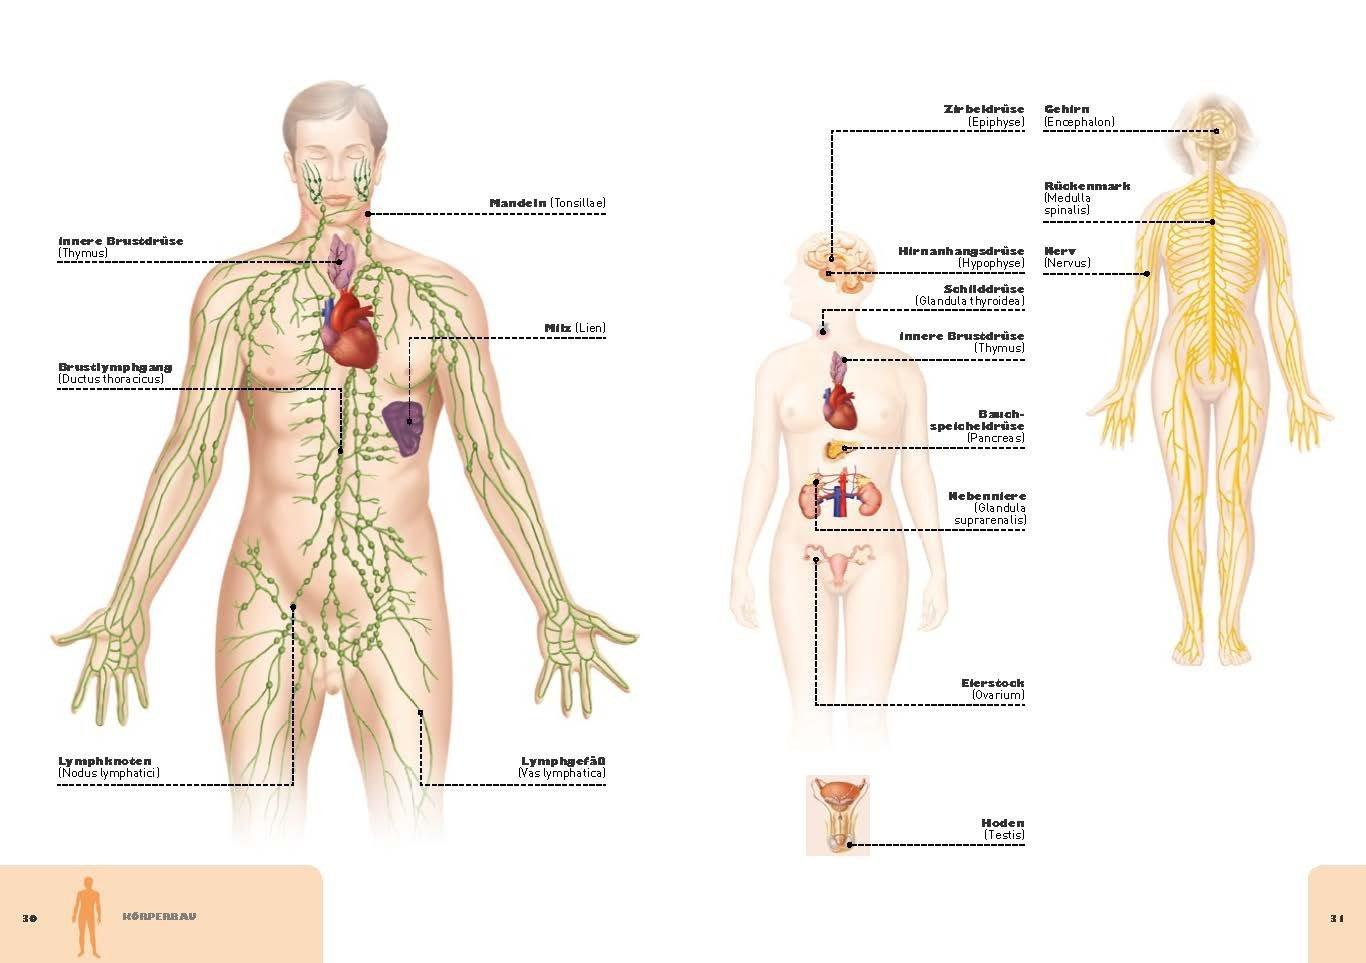 Fantastisch Anatomie Von Frauen Körper Fotos - Menschliche Anatomie ...